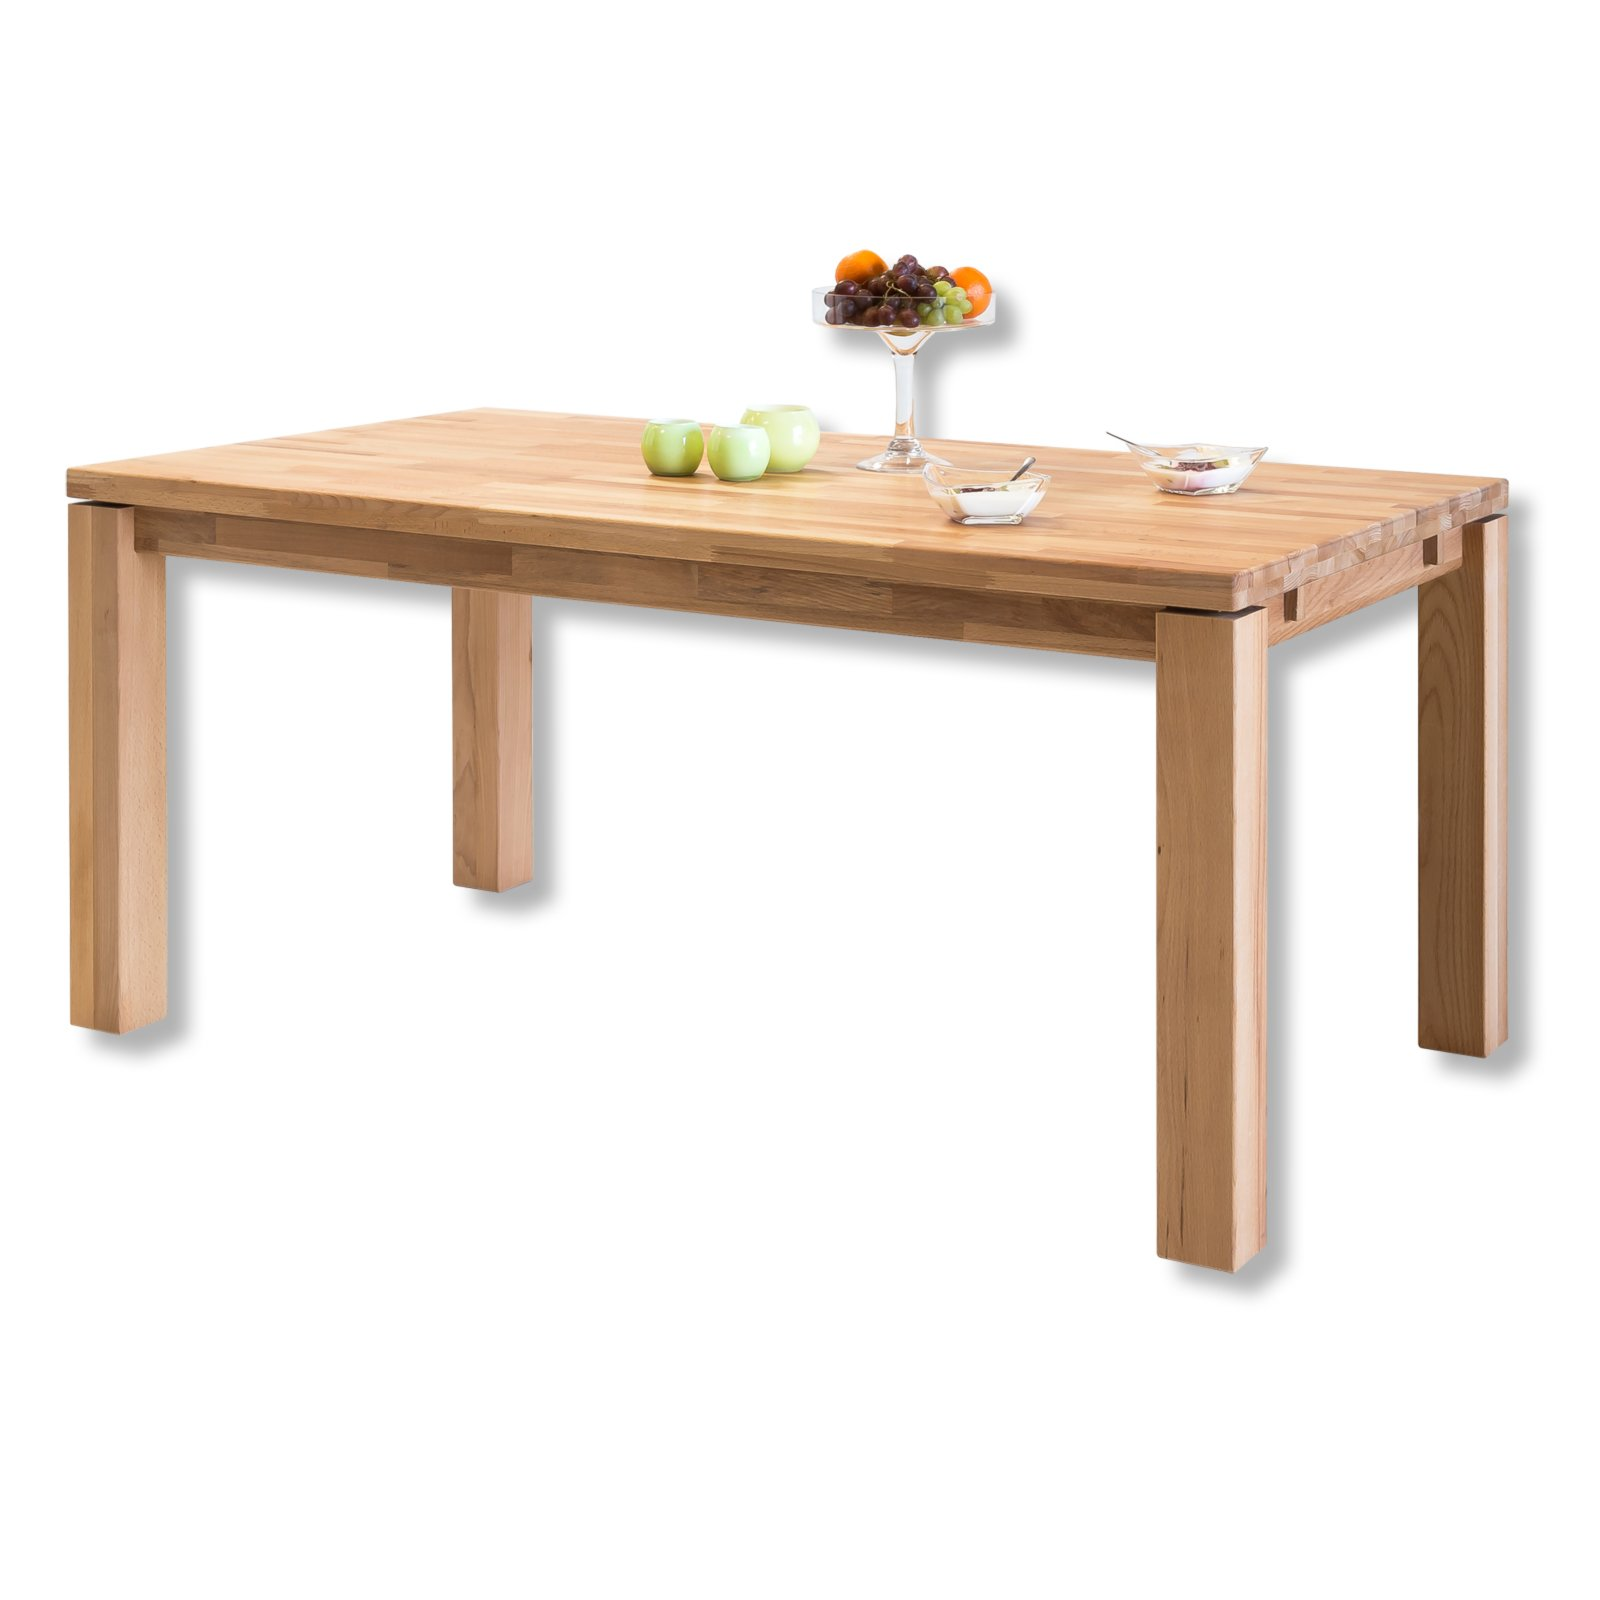 Küchenmöbel Roller Küchenmöbel Von Roller Günstig Online Kaufen